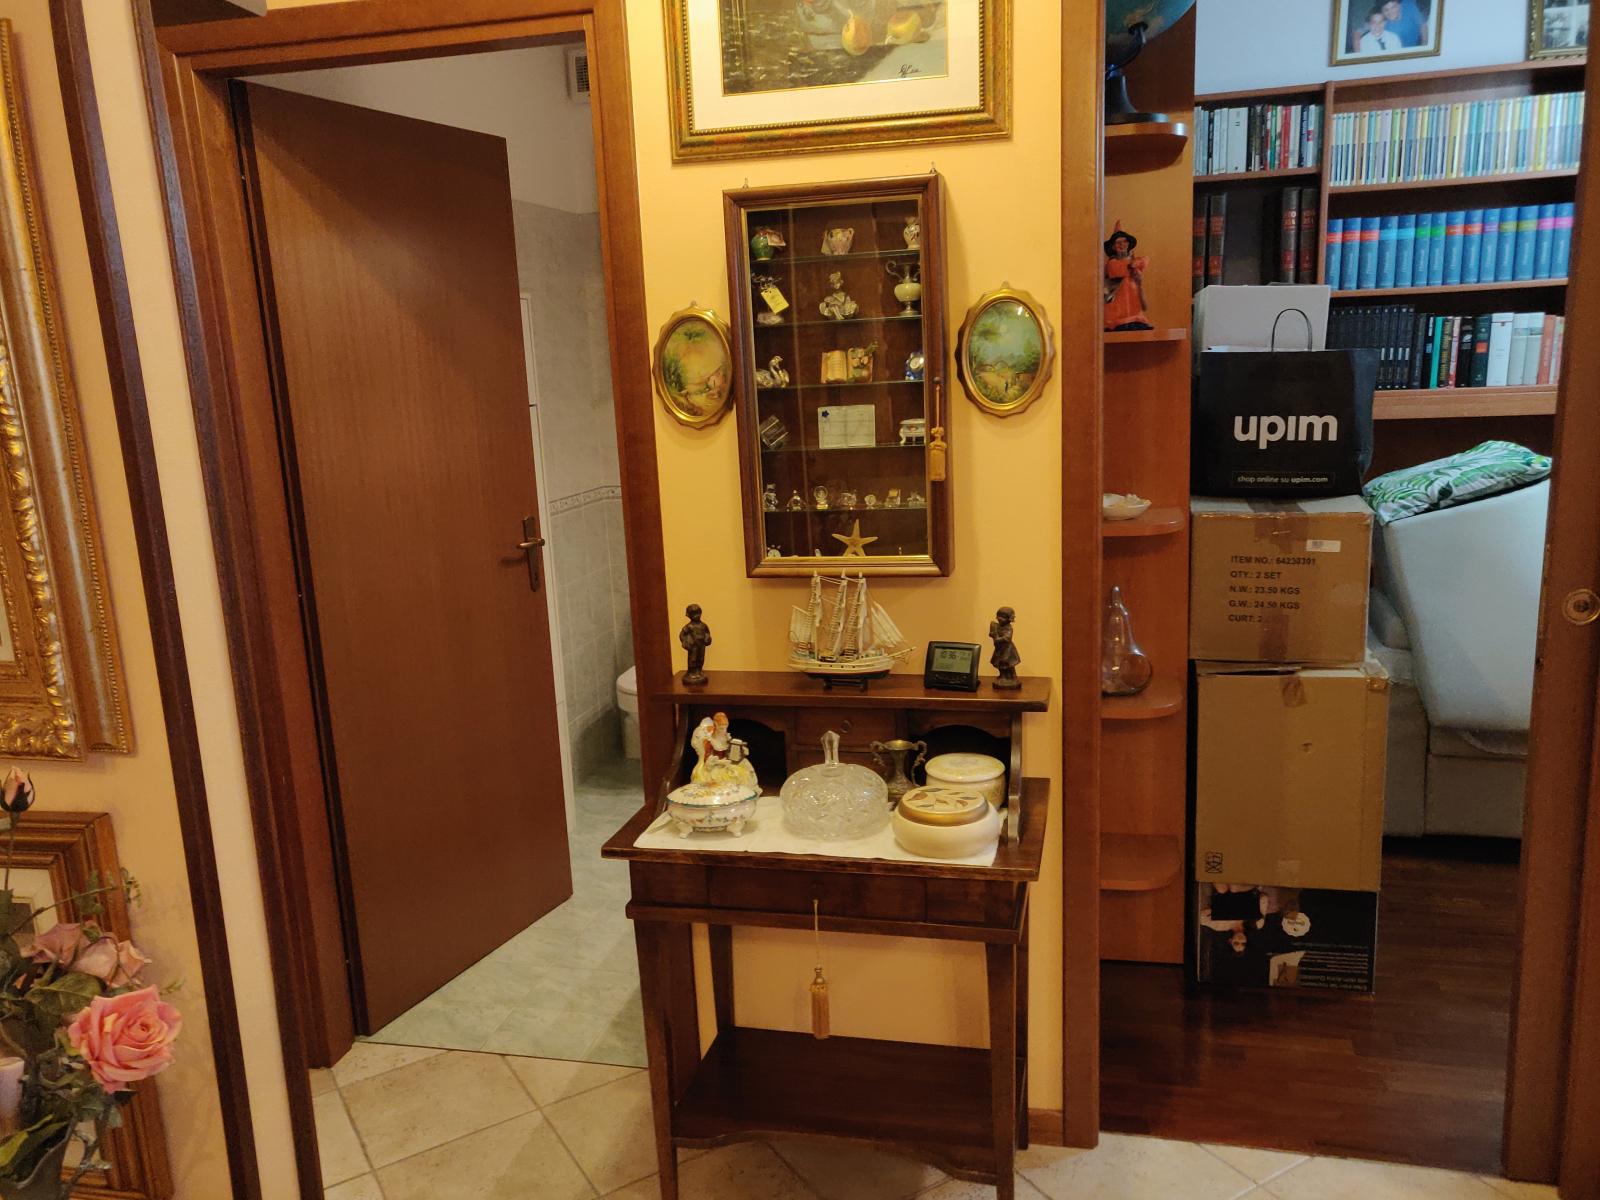 3-locali-trilocale-in-vendita-a-milano-rozzano-quinto-de-stampi-spaziourbano-immobiliare-vende-8